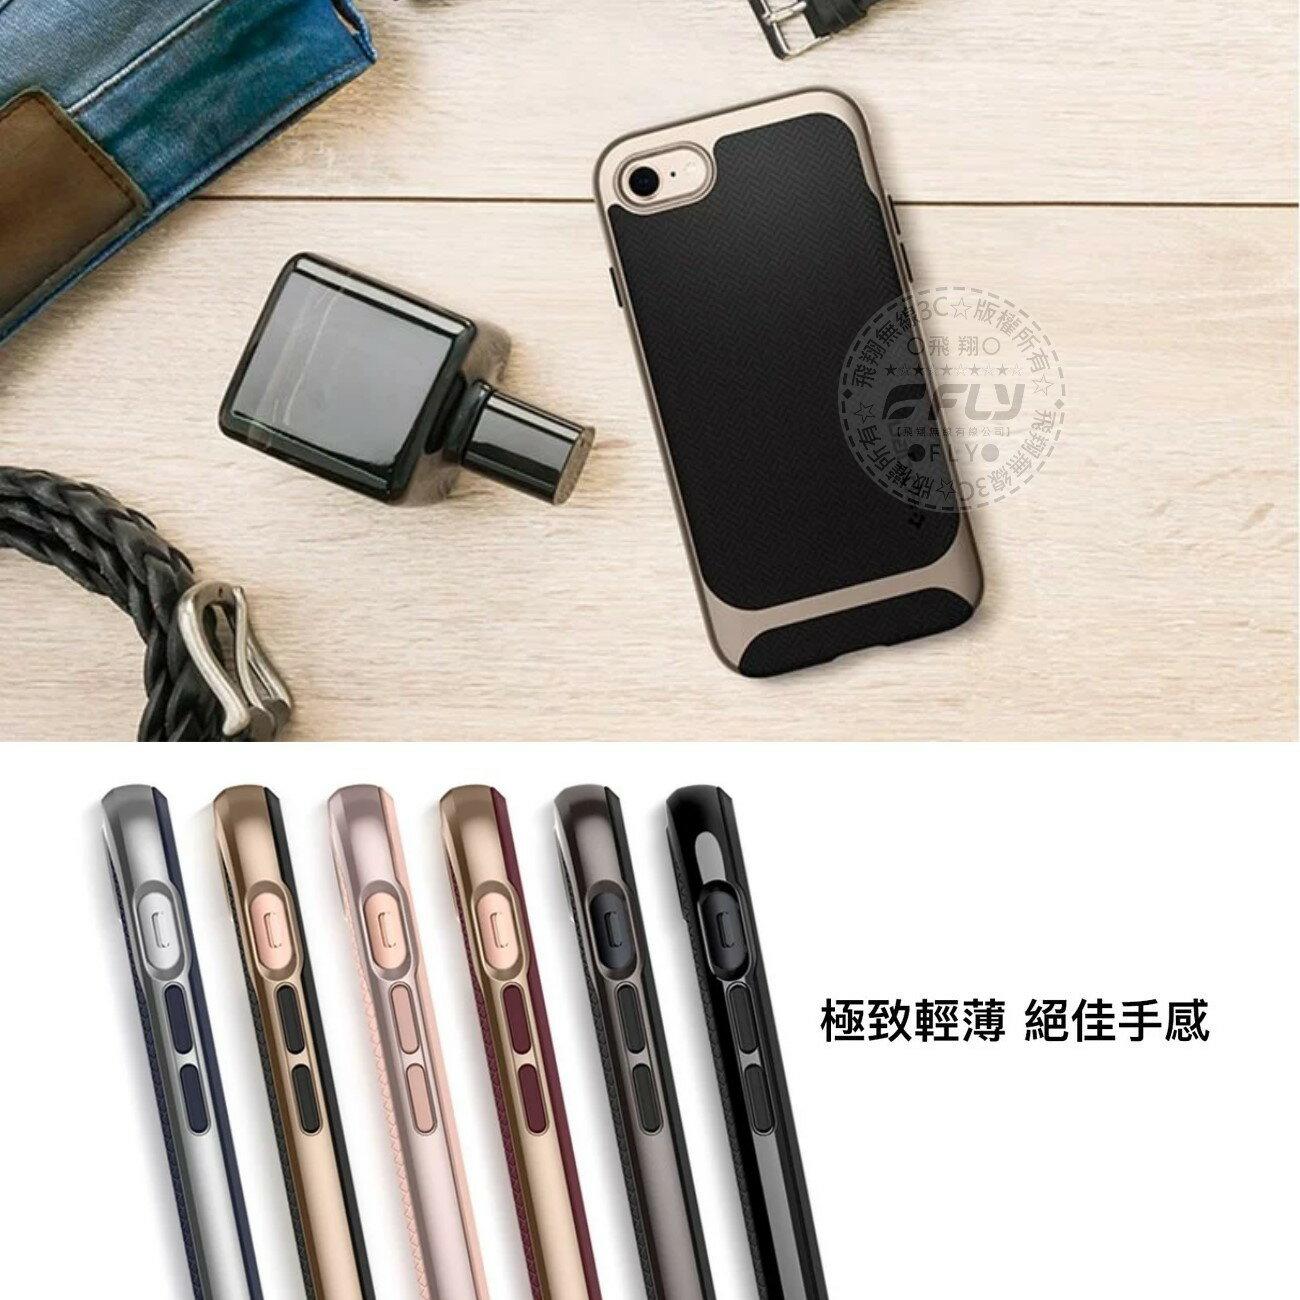 《飛翔無線3C》Spigen Neo Hybrid iPhone SE 7/8 防摔手機保護殼 4.7吋│公司貨